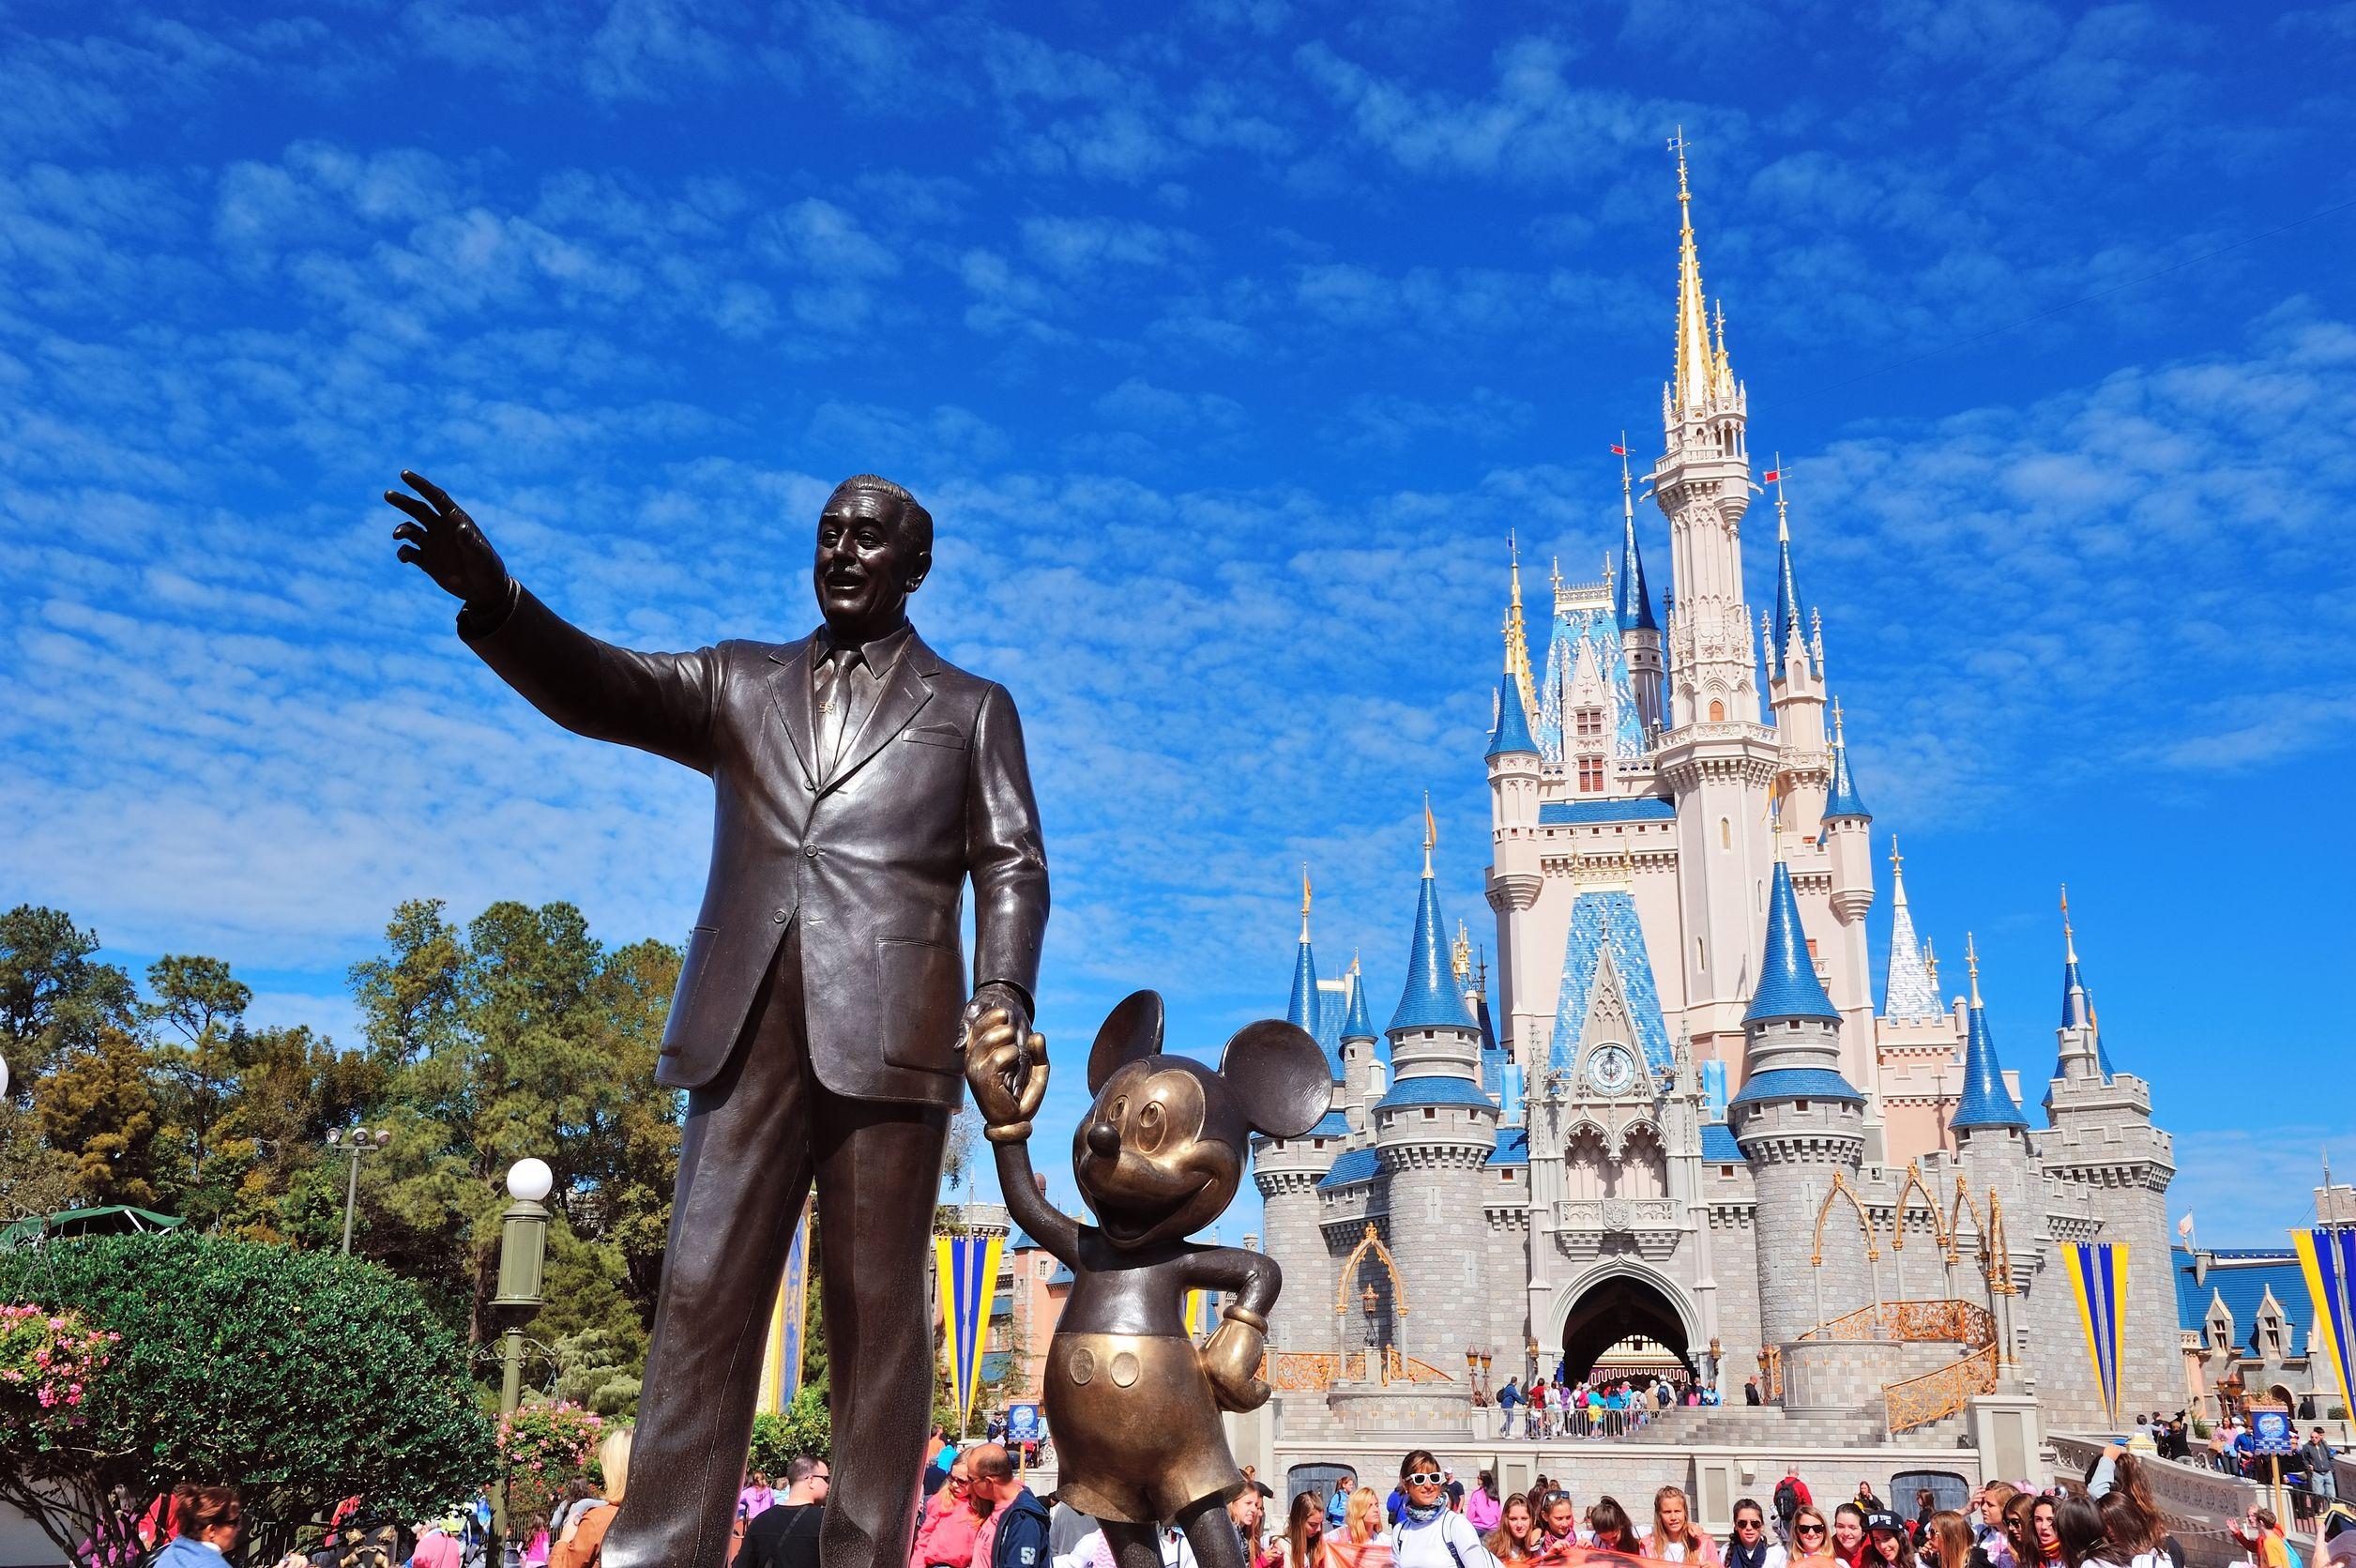 Statue de Walt Disney dans le parc Magic Kingdom à Orlando en Floride